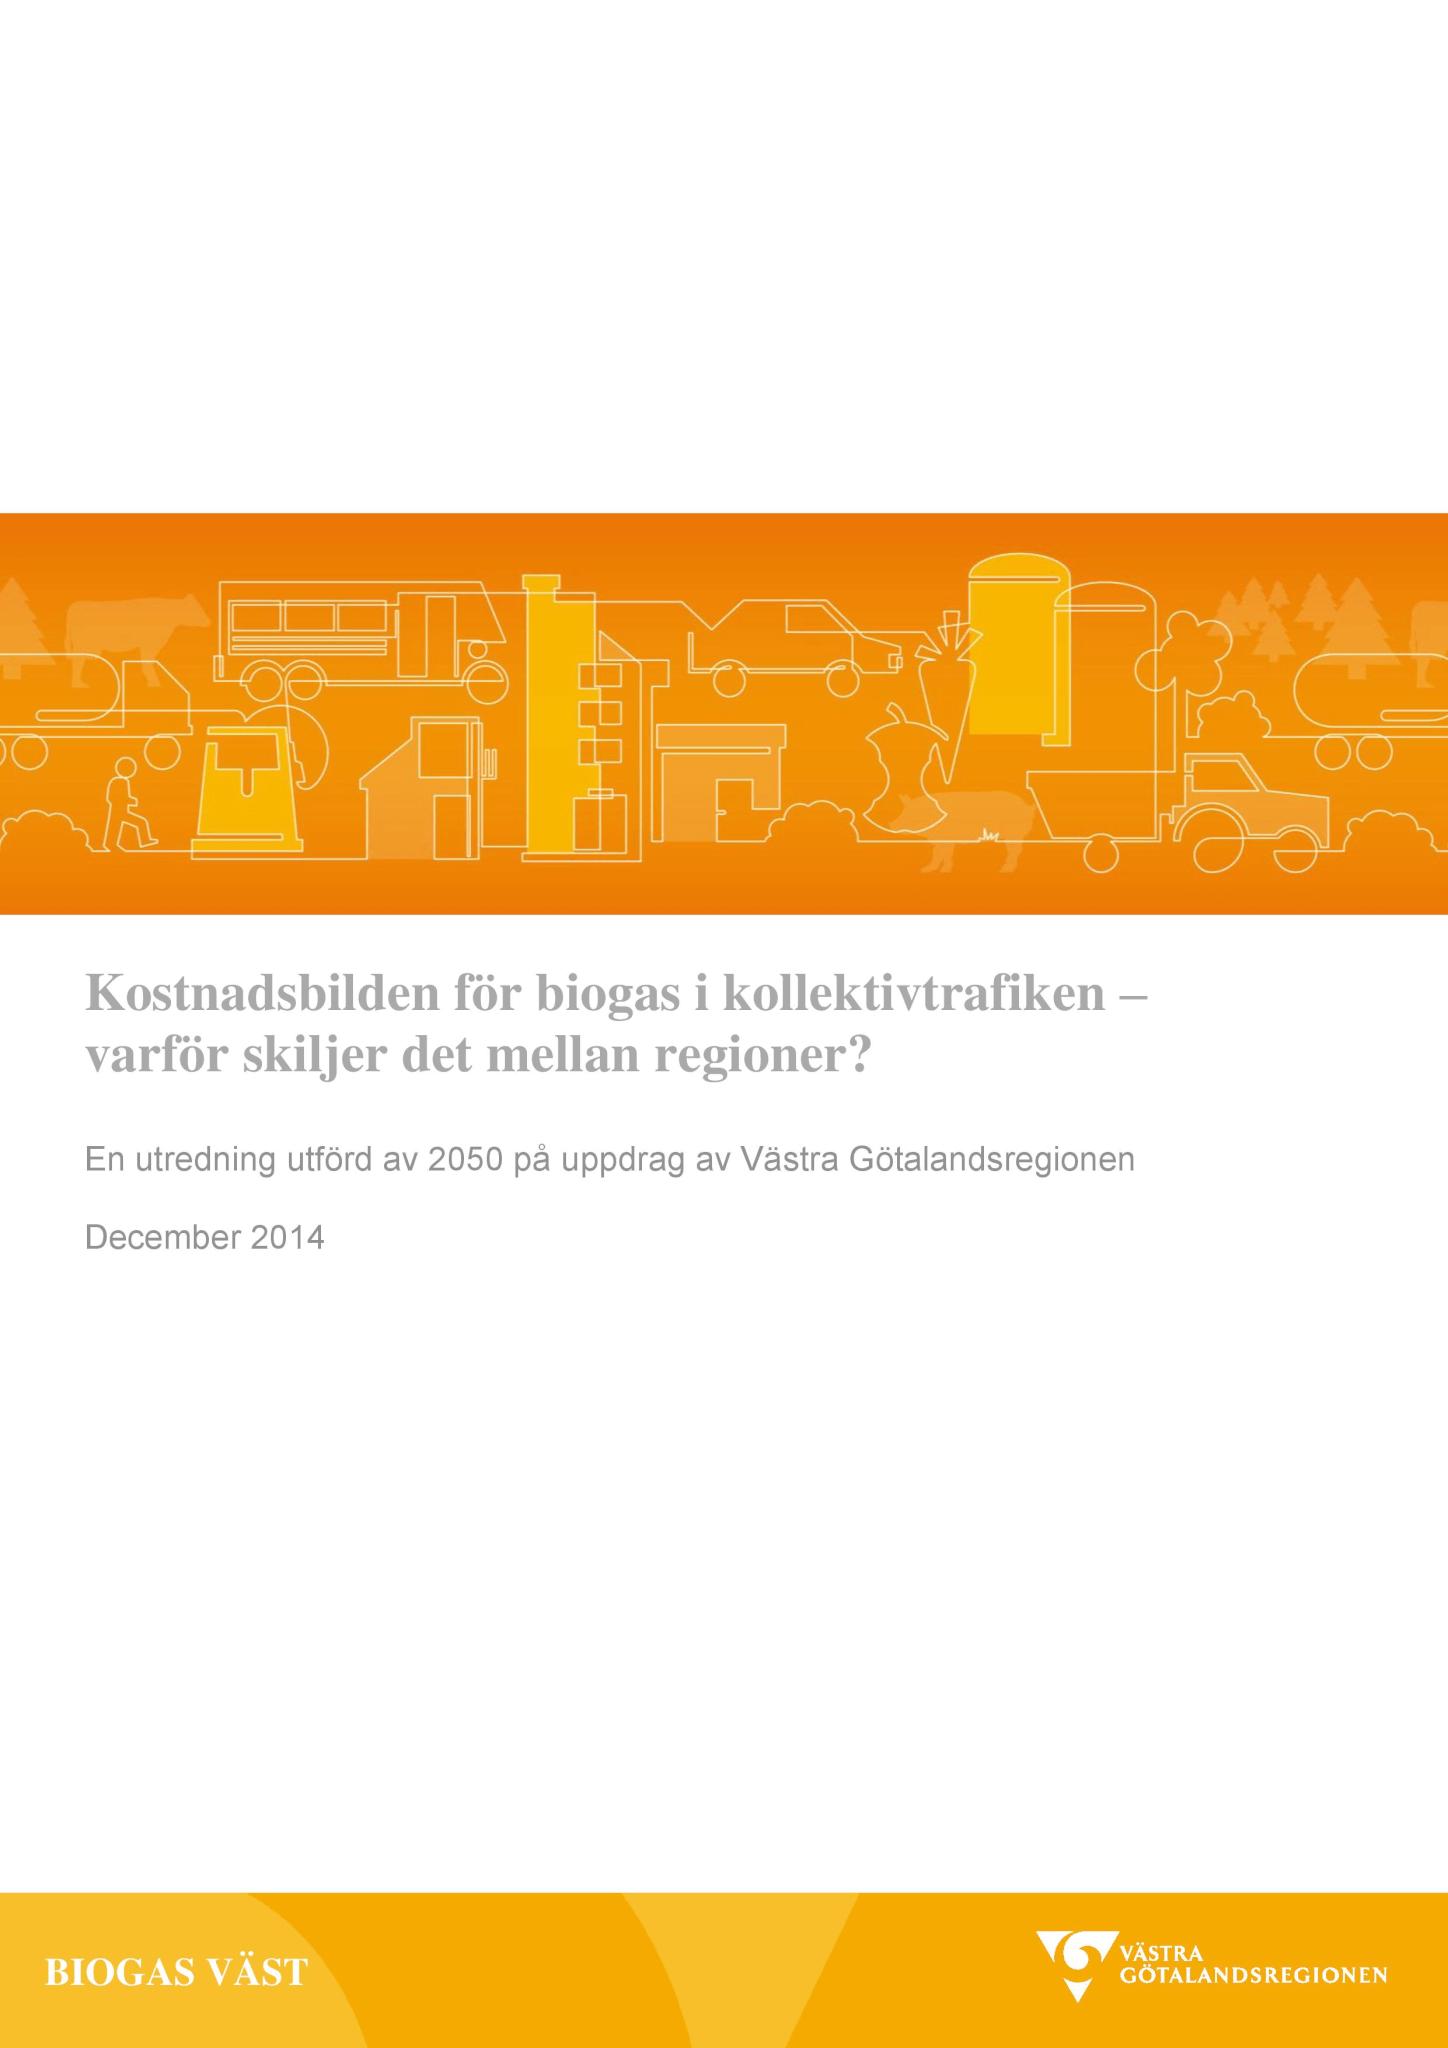 Kostnadsbilden för biogas i kollektivtrafiken – varför skiljer det mellan regioner?